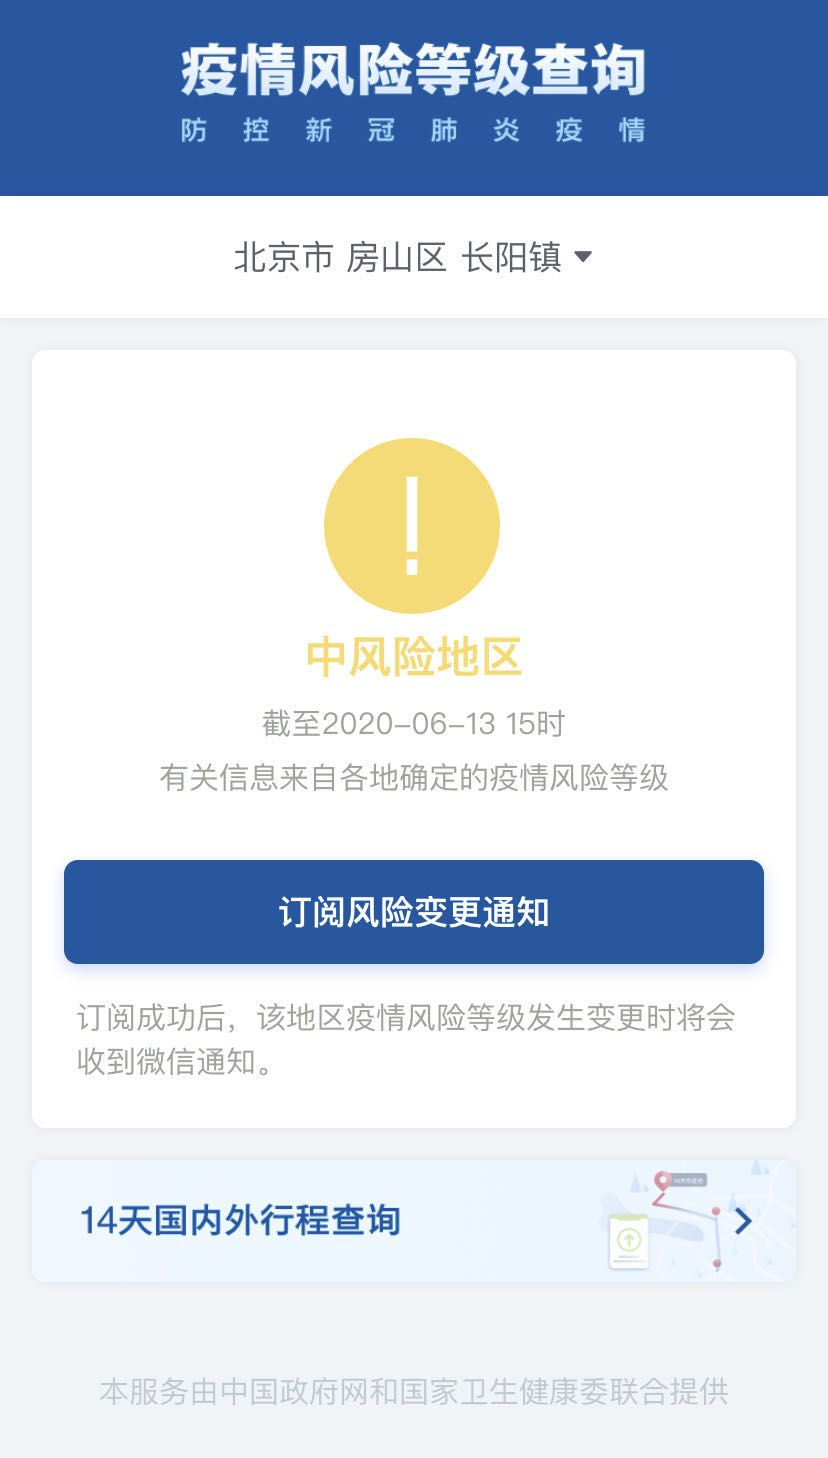 北京市房山区长阳镇已升级为中风险地区图片